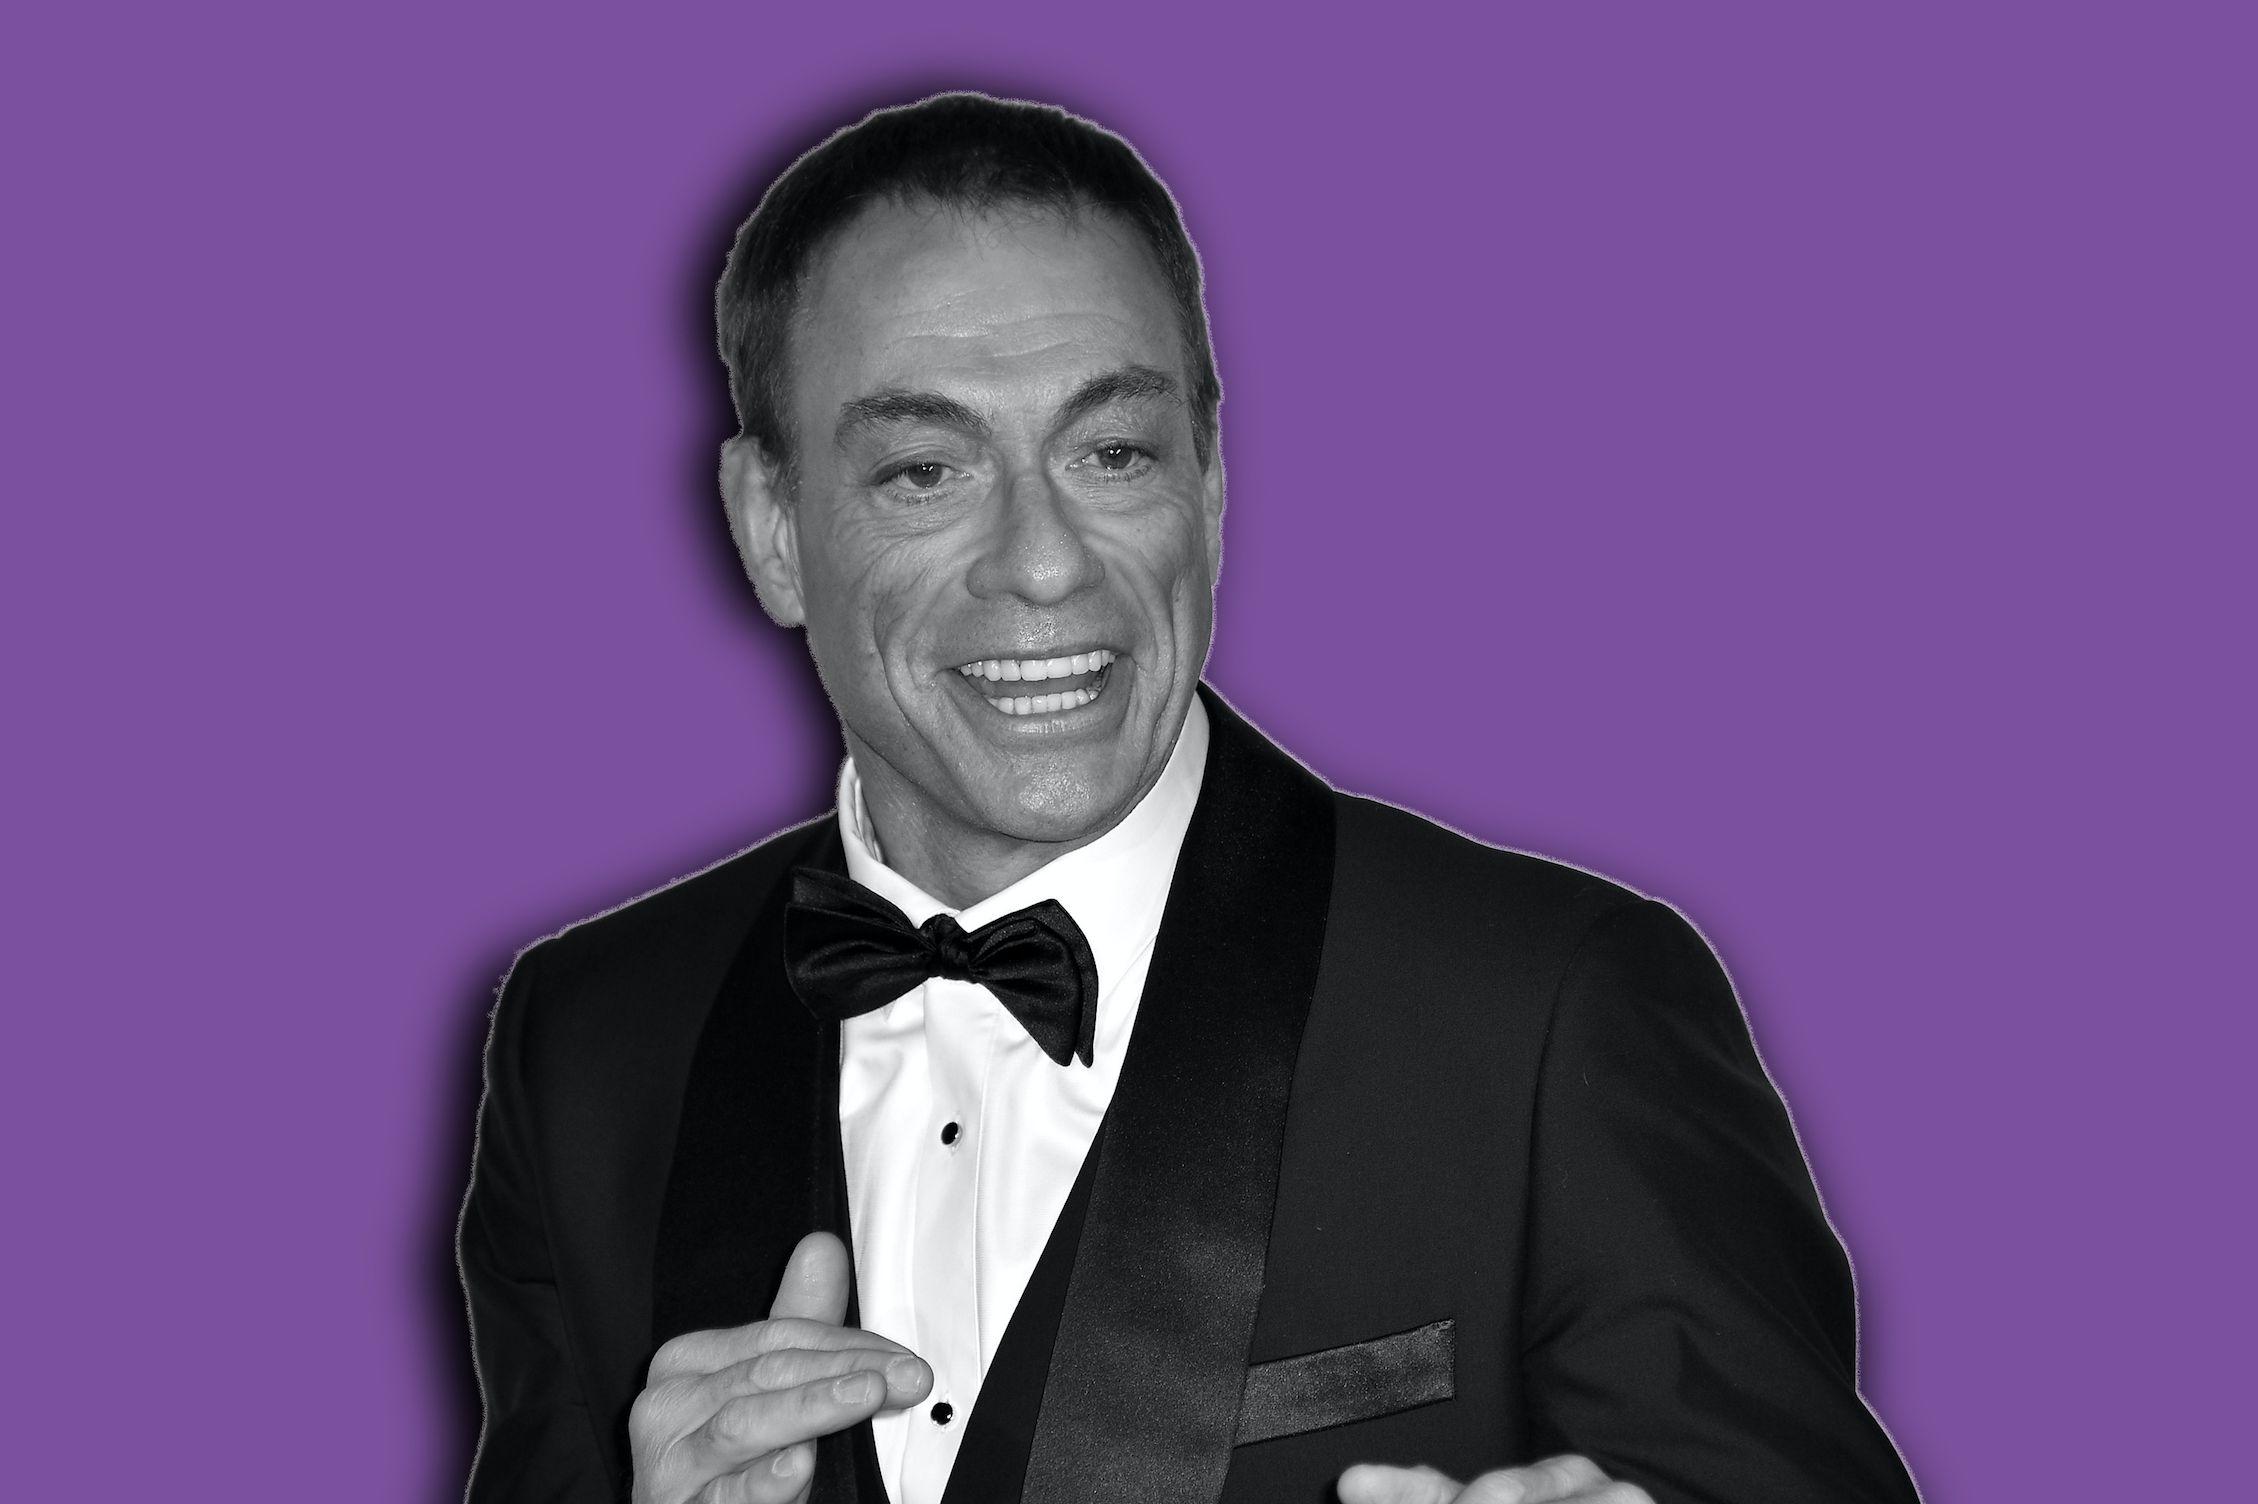 Jean-Claude Van Damme explica por que seu 'soco nas bolas' sempre funciona na vida